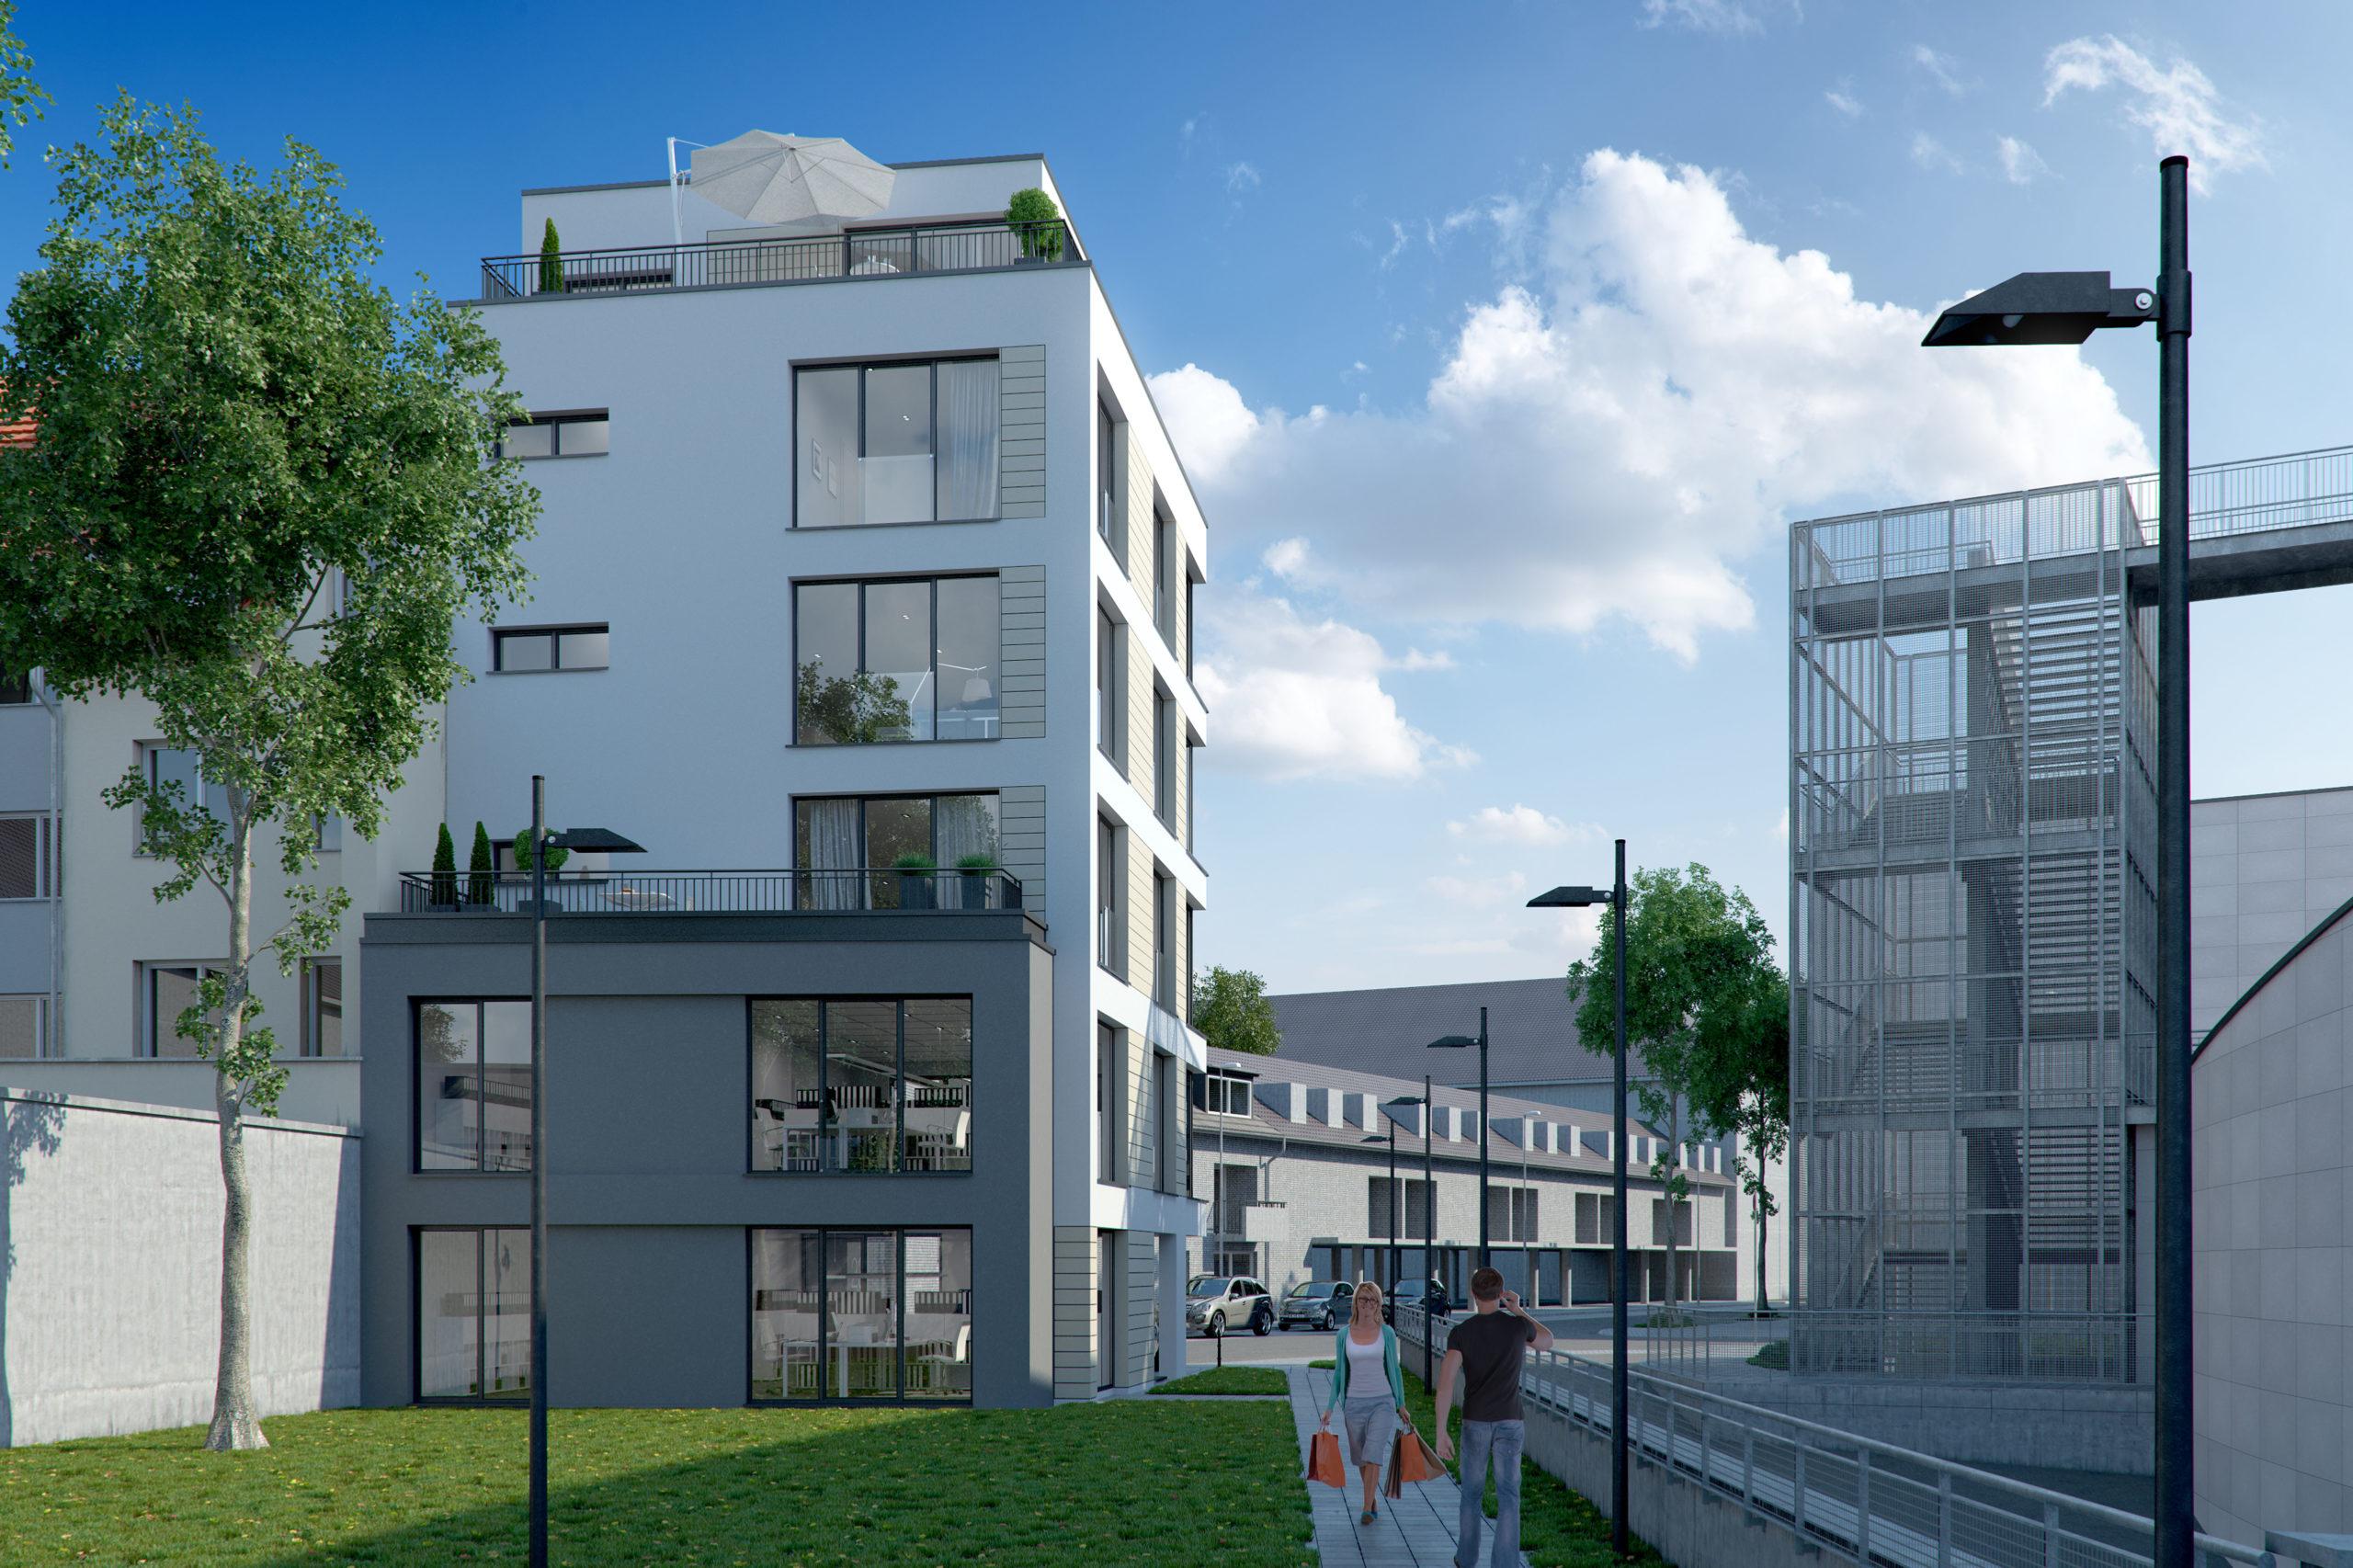 Wohn- und Geschäftshaus, Aachen I Zimmermann Architekten+ I Aachen